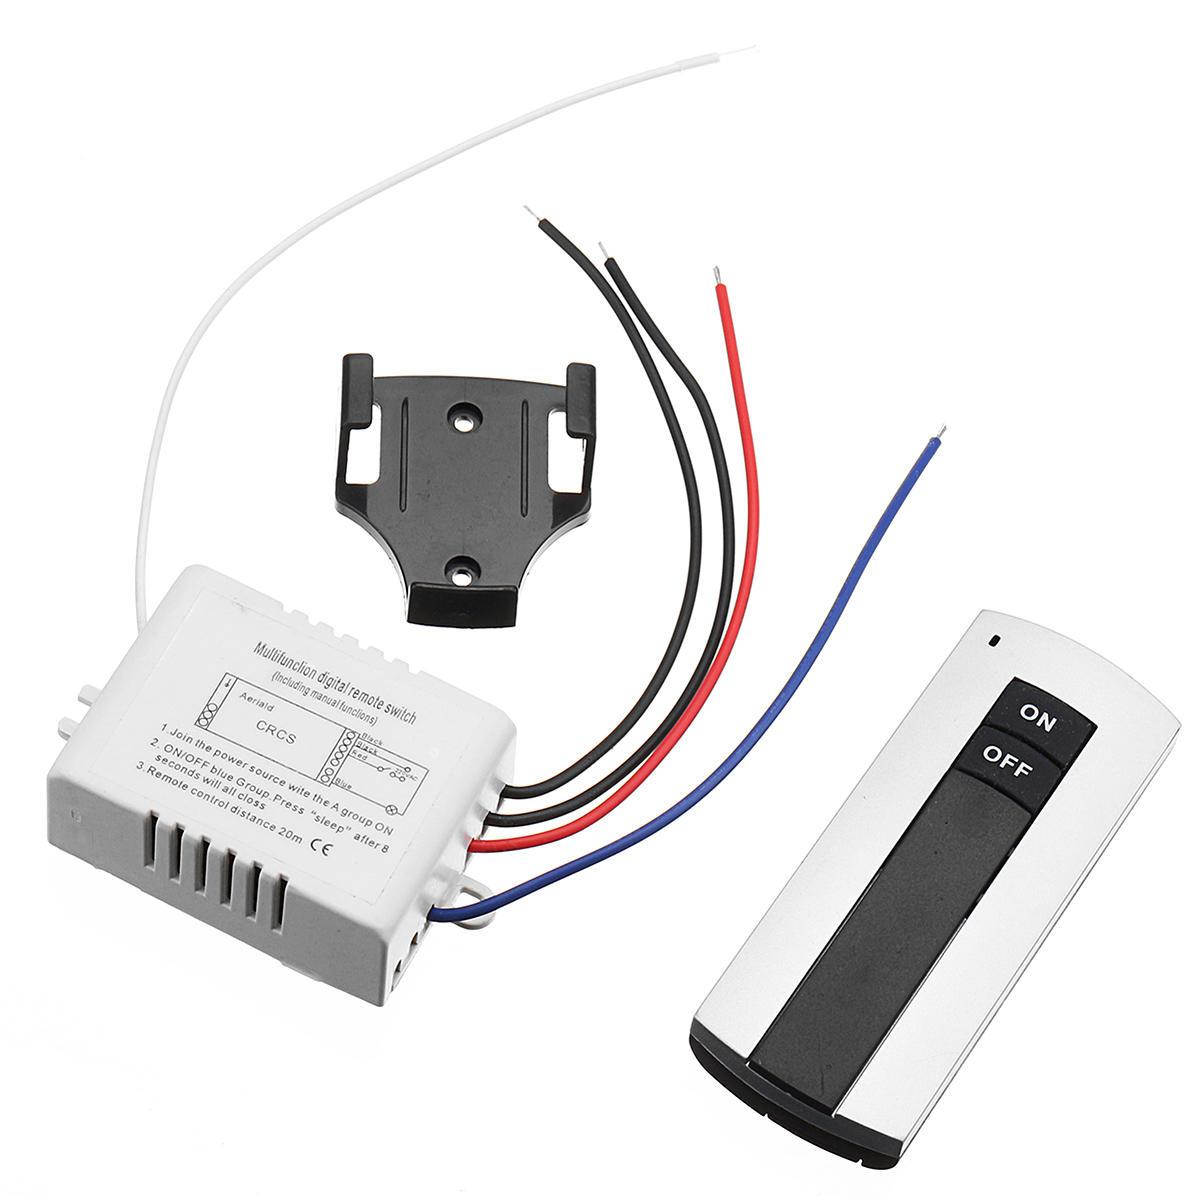 AC 110V / 220V 1 Voie ON / OFF Lampe Interrupteur Numérique Lumière Double Bouton Télécommande Sans Fil Interrupteur